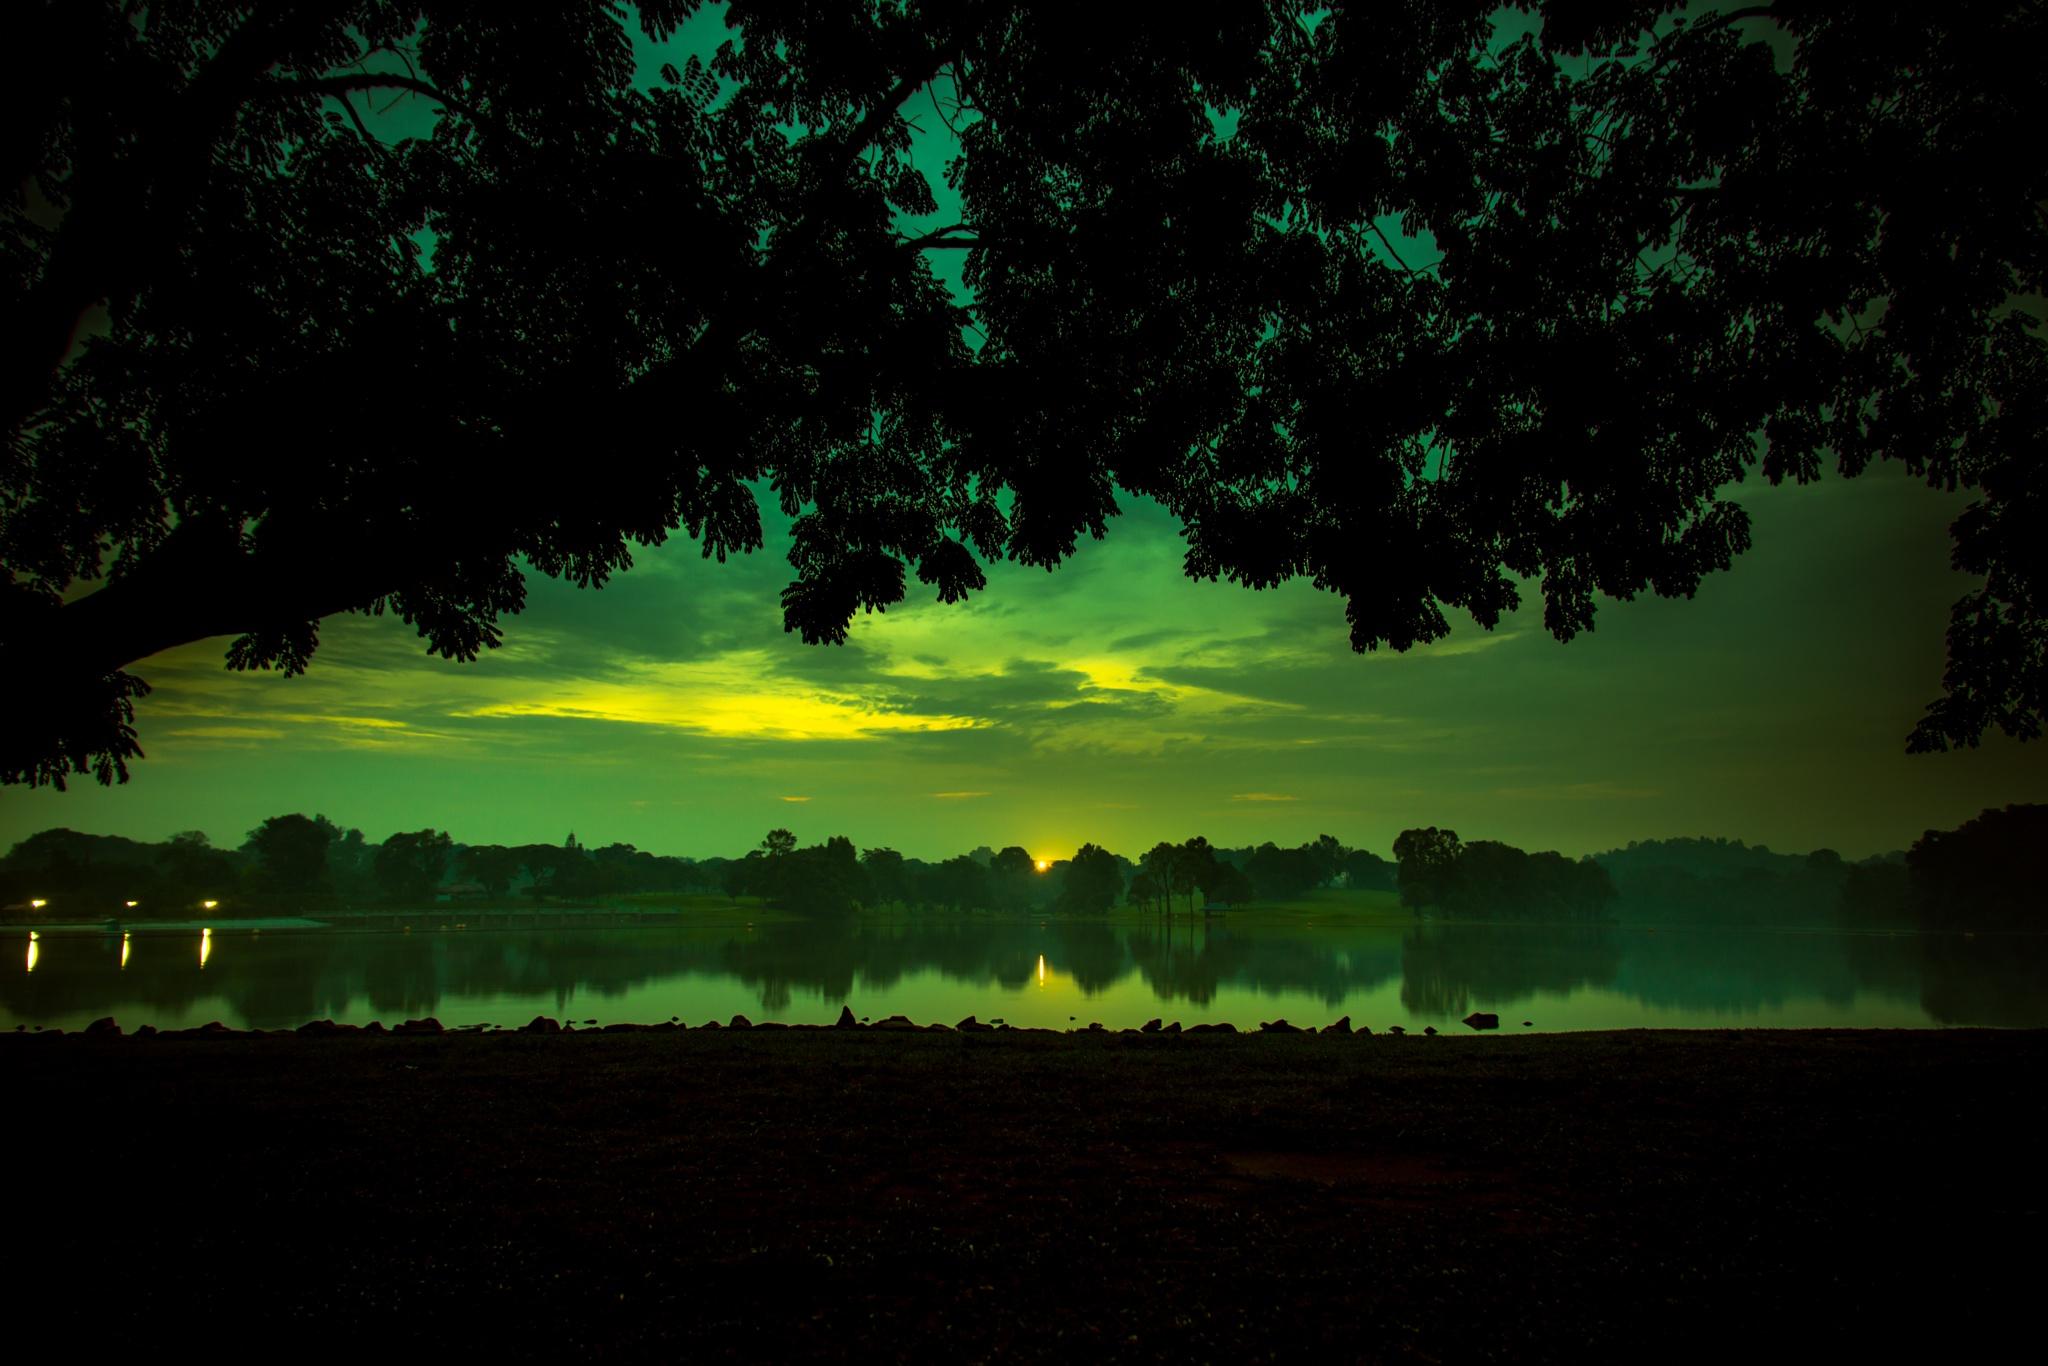 Backdrop by Thomas Ho